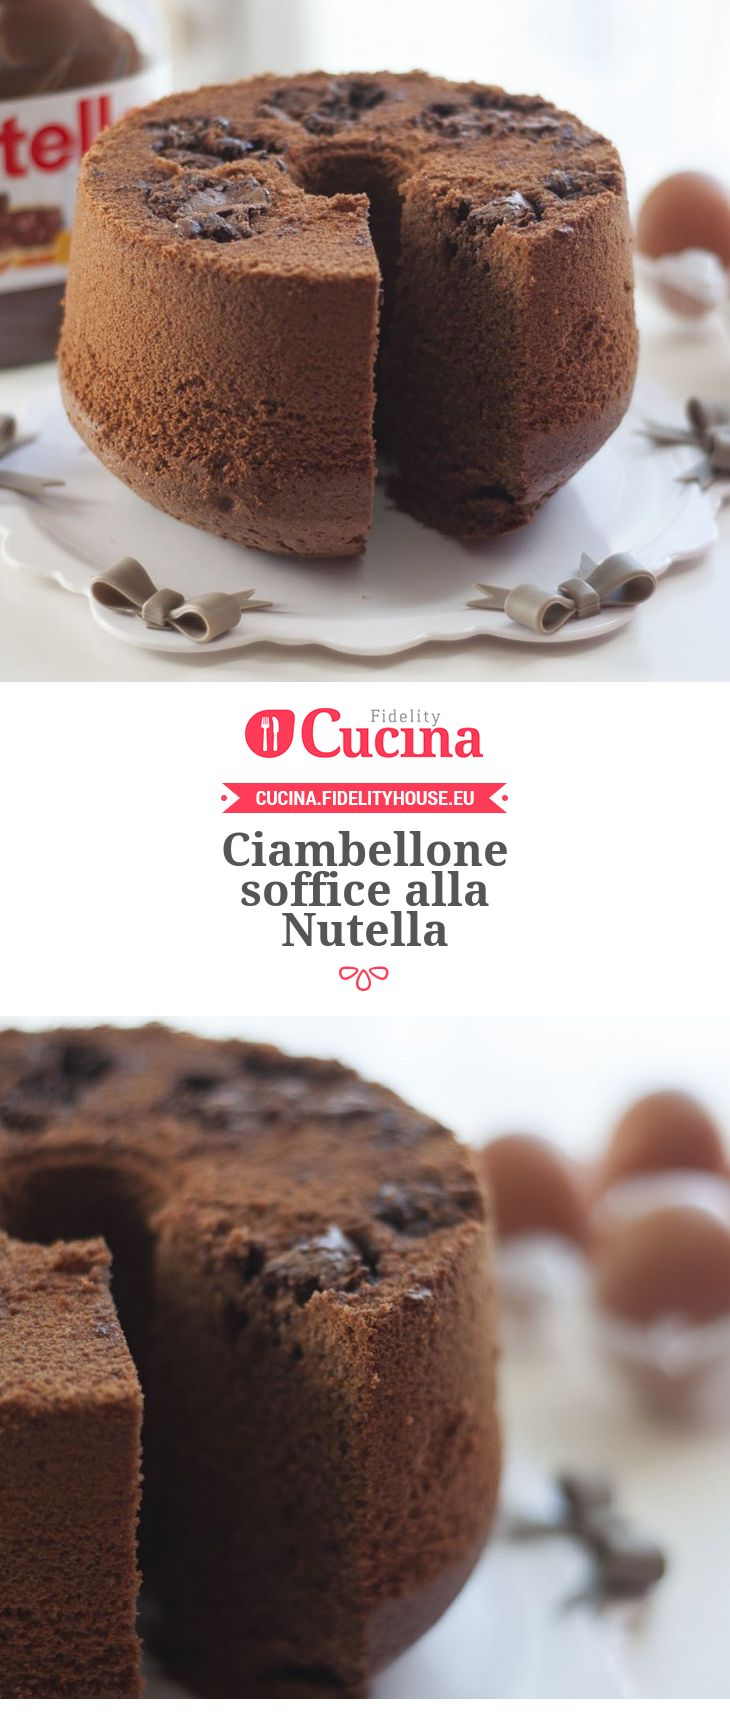 Ciambellone soffice alla Nutella